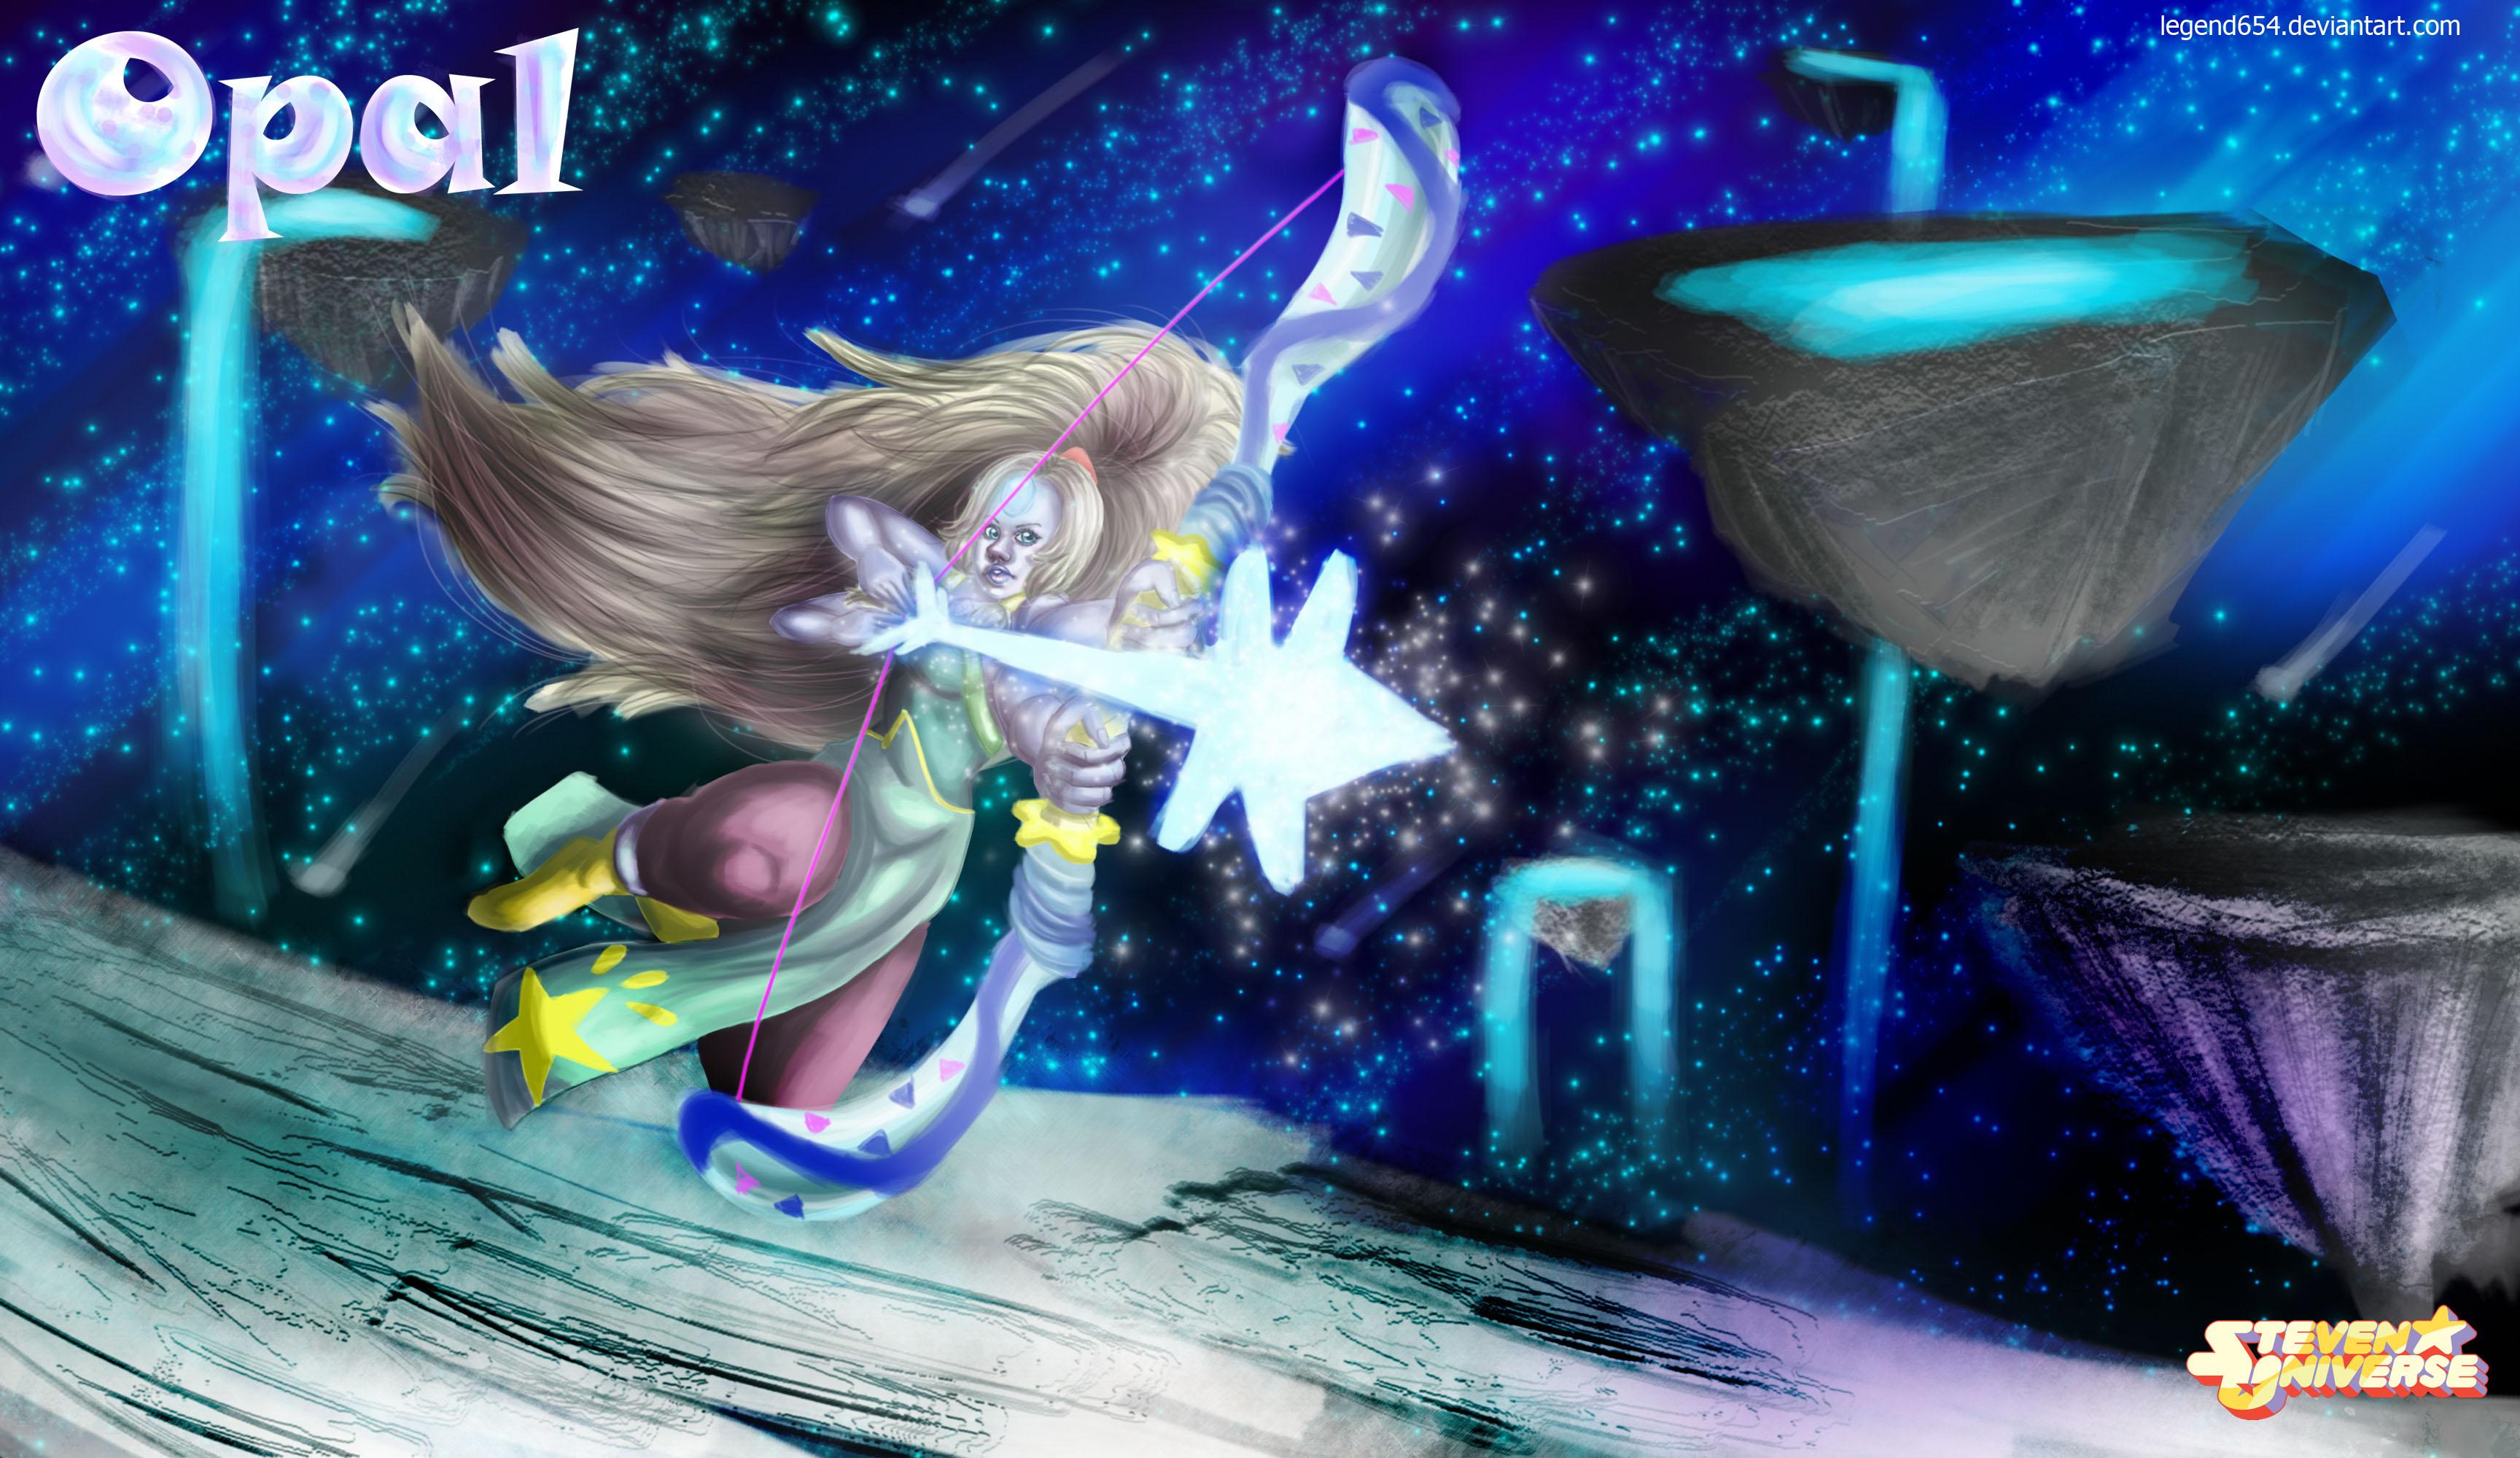 Steven Universe Pearl Wallpaper - WallpaperSafari